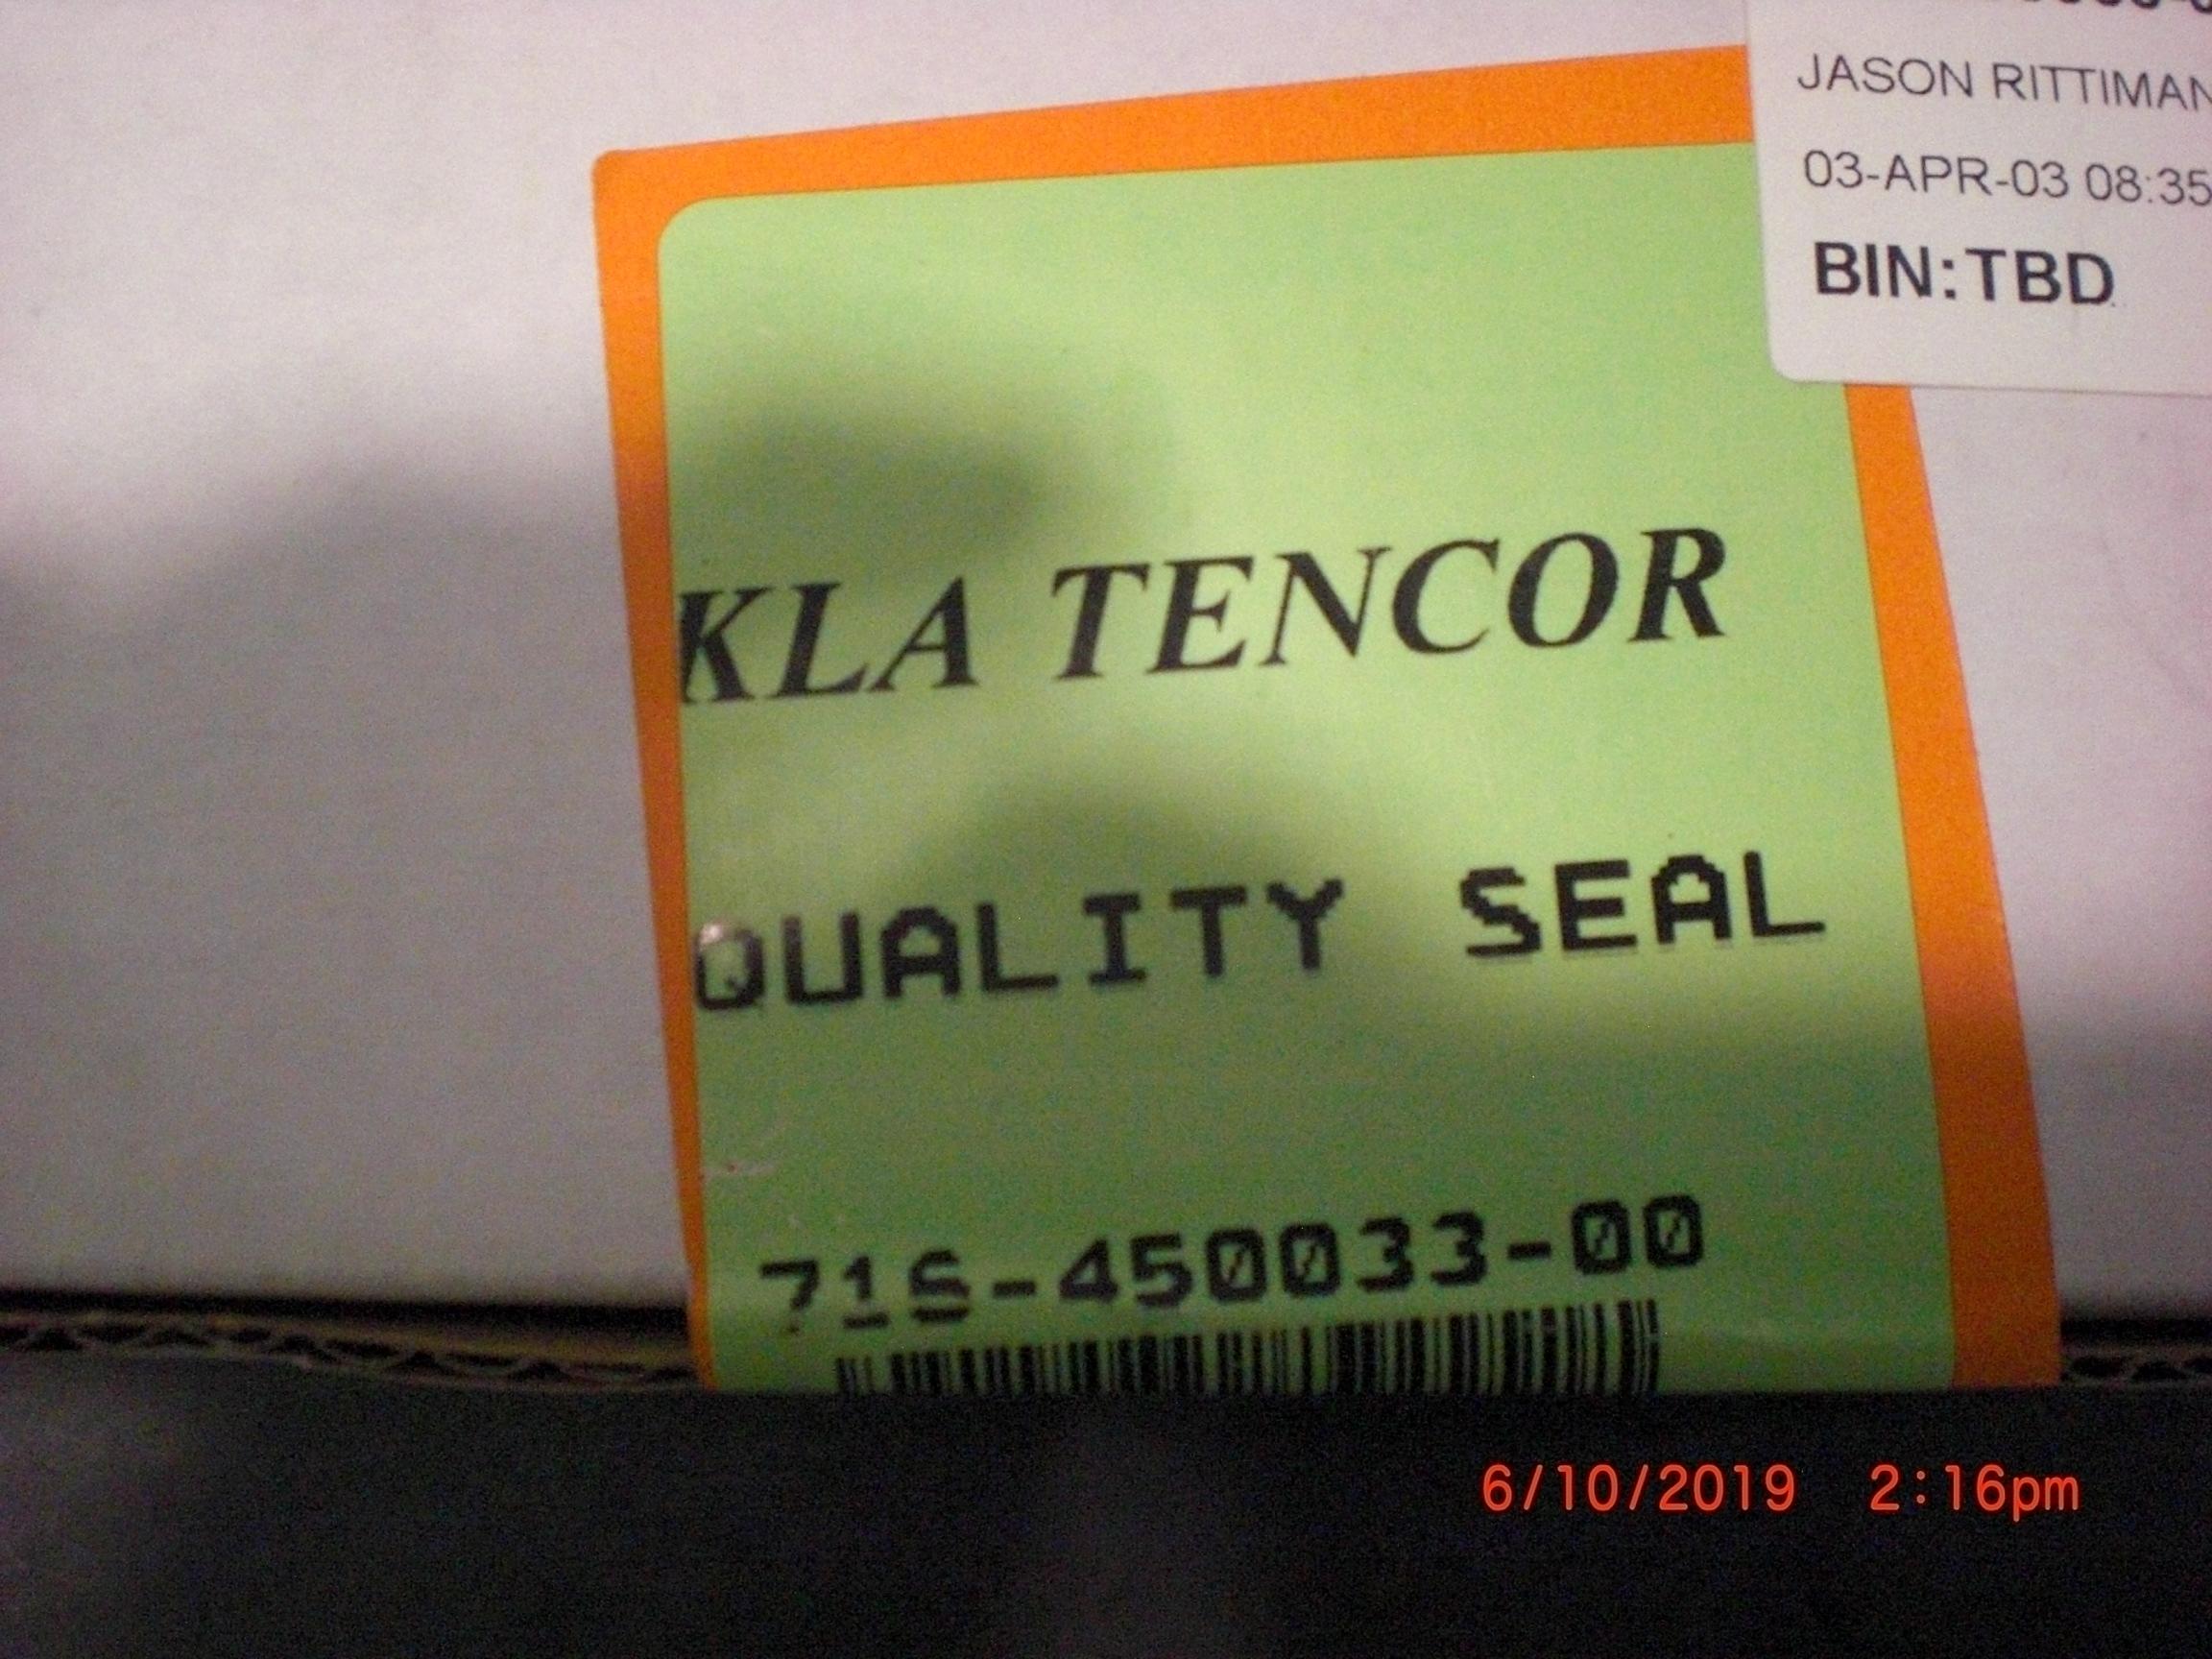 OEM Part KLA / TENCOR 716-450033-00 shutter Assy  5100